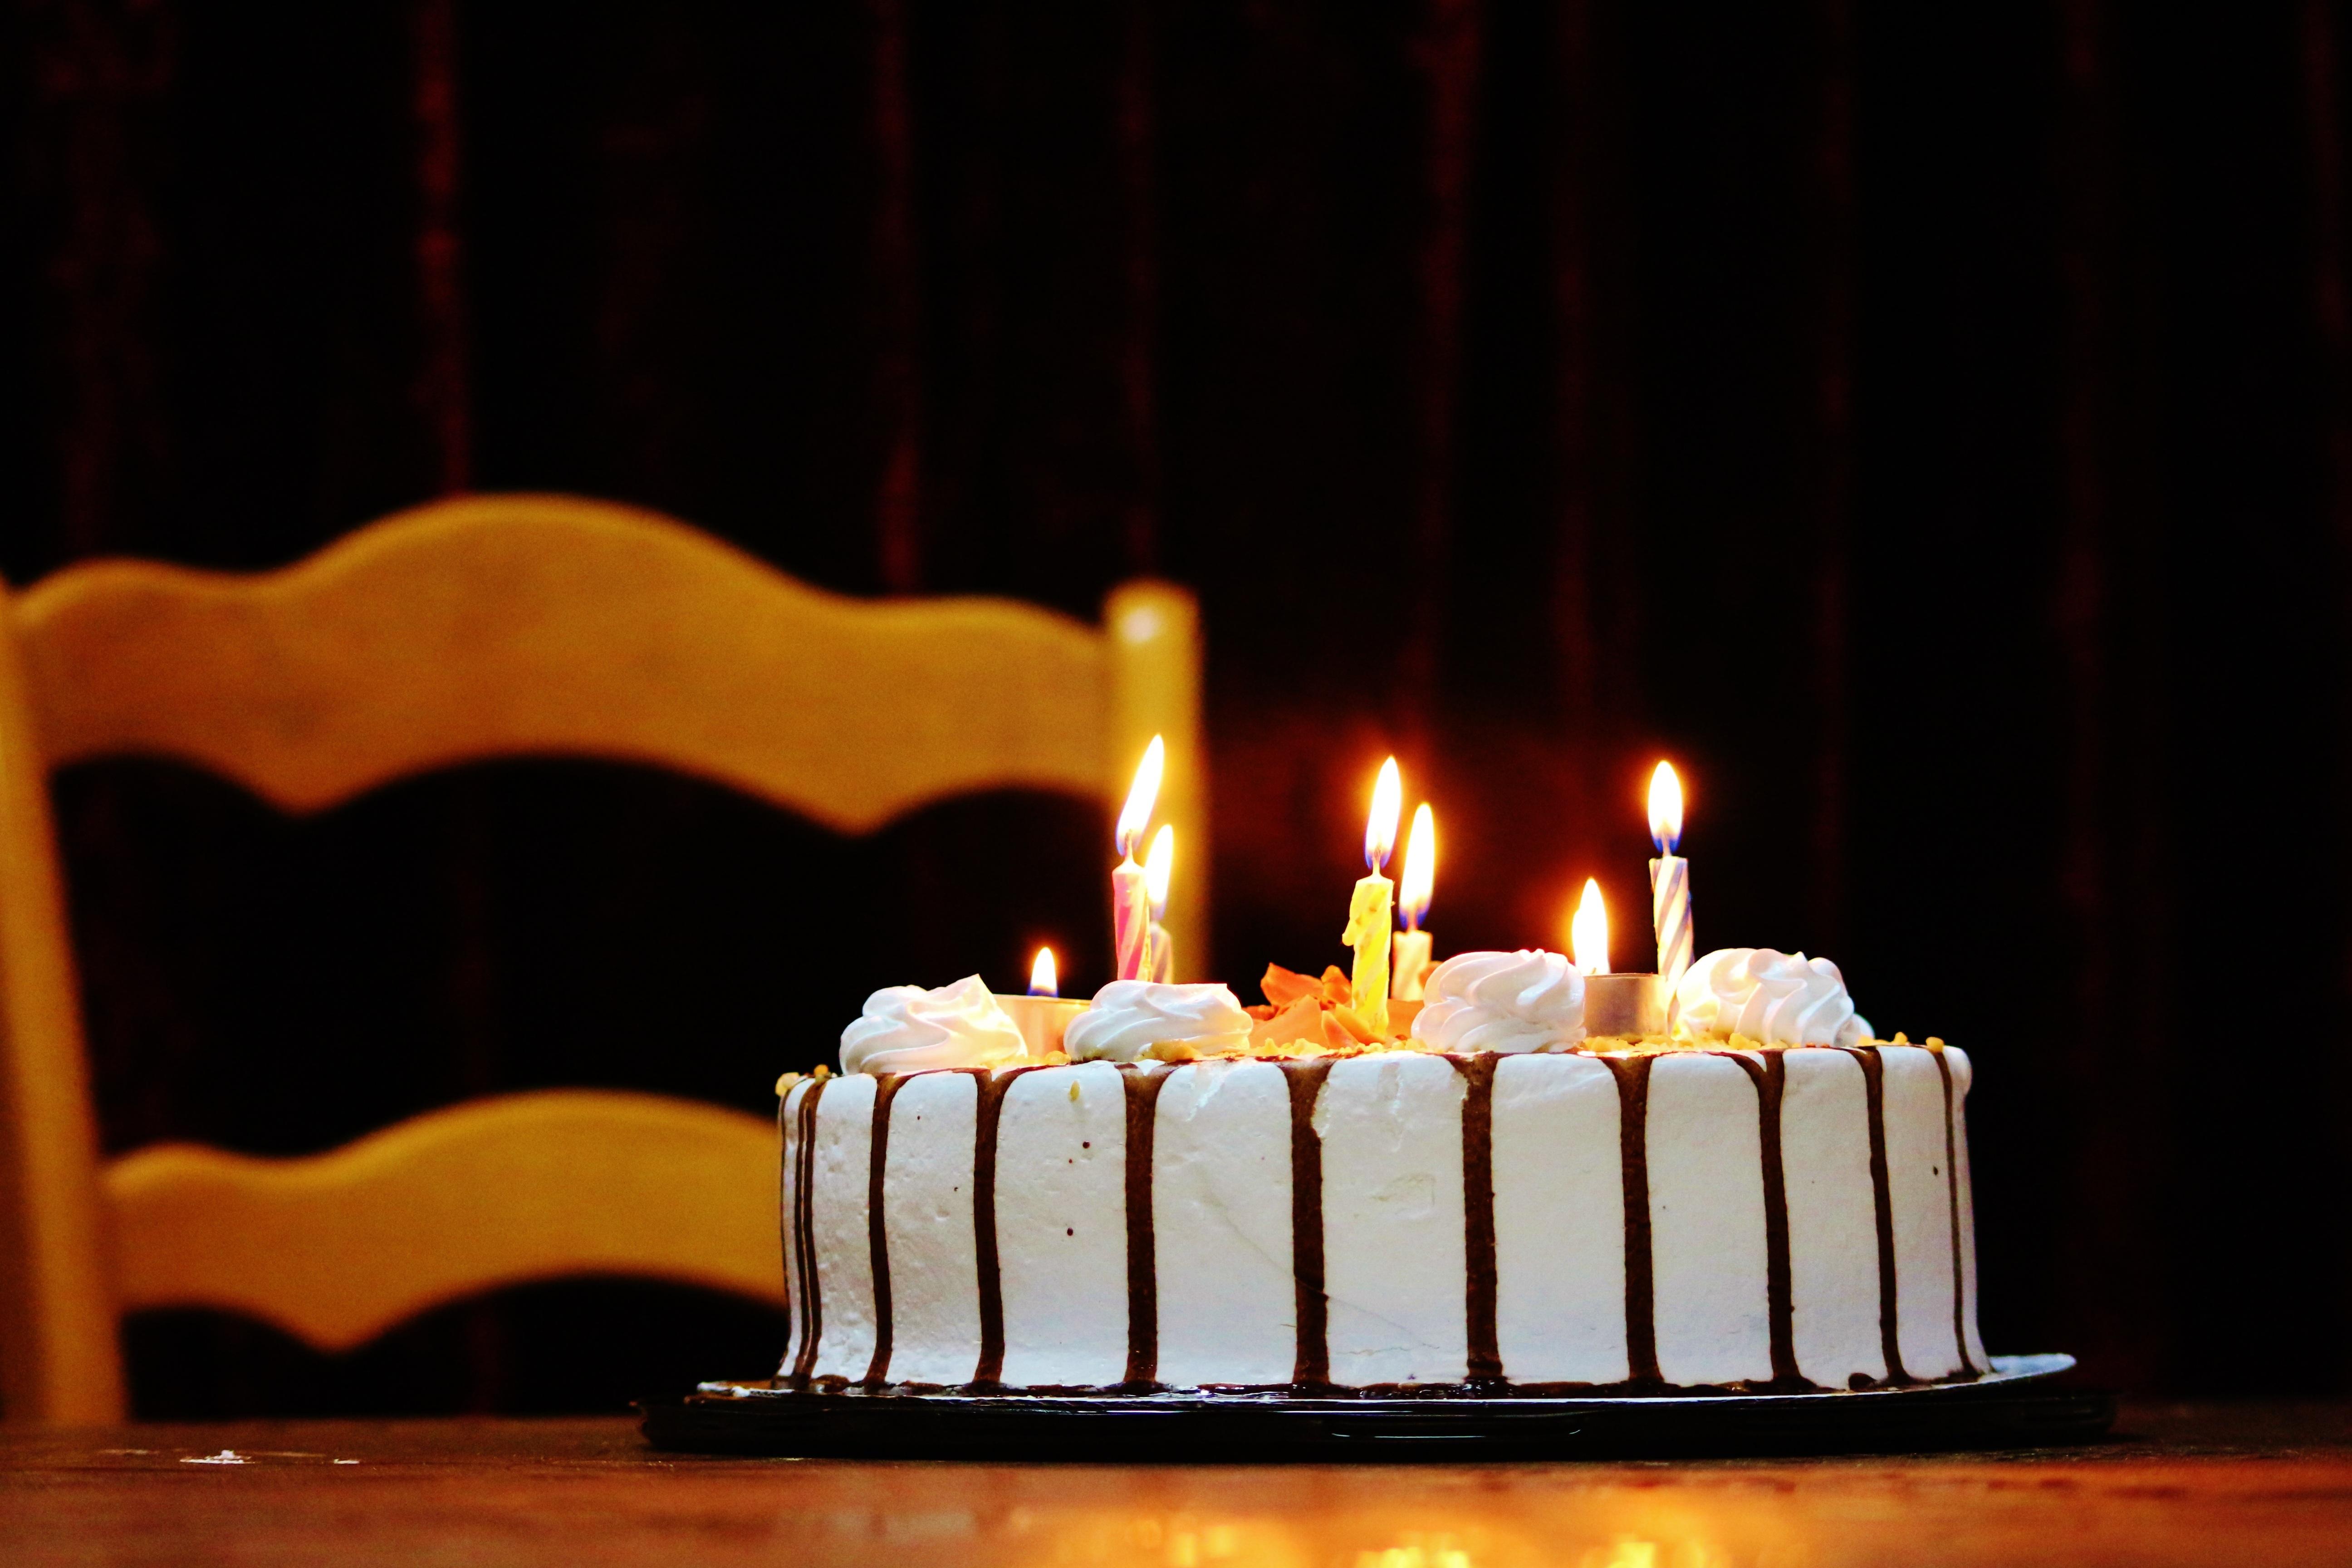 Free Images celebration food flame candle dessert lighting